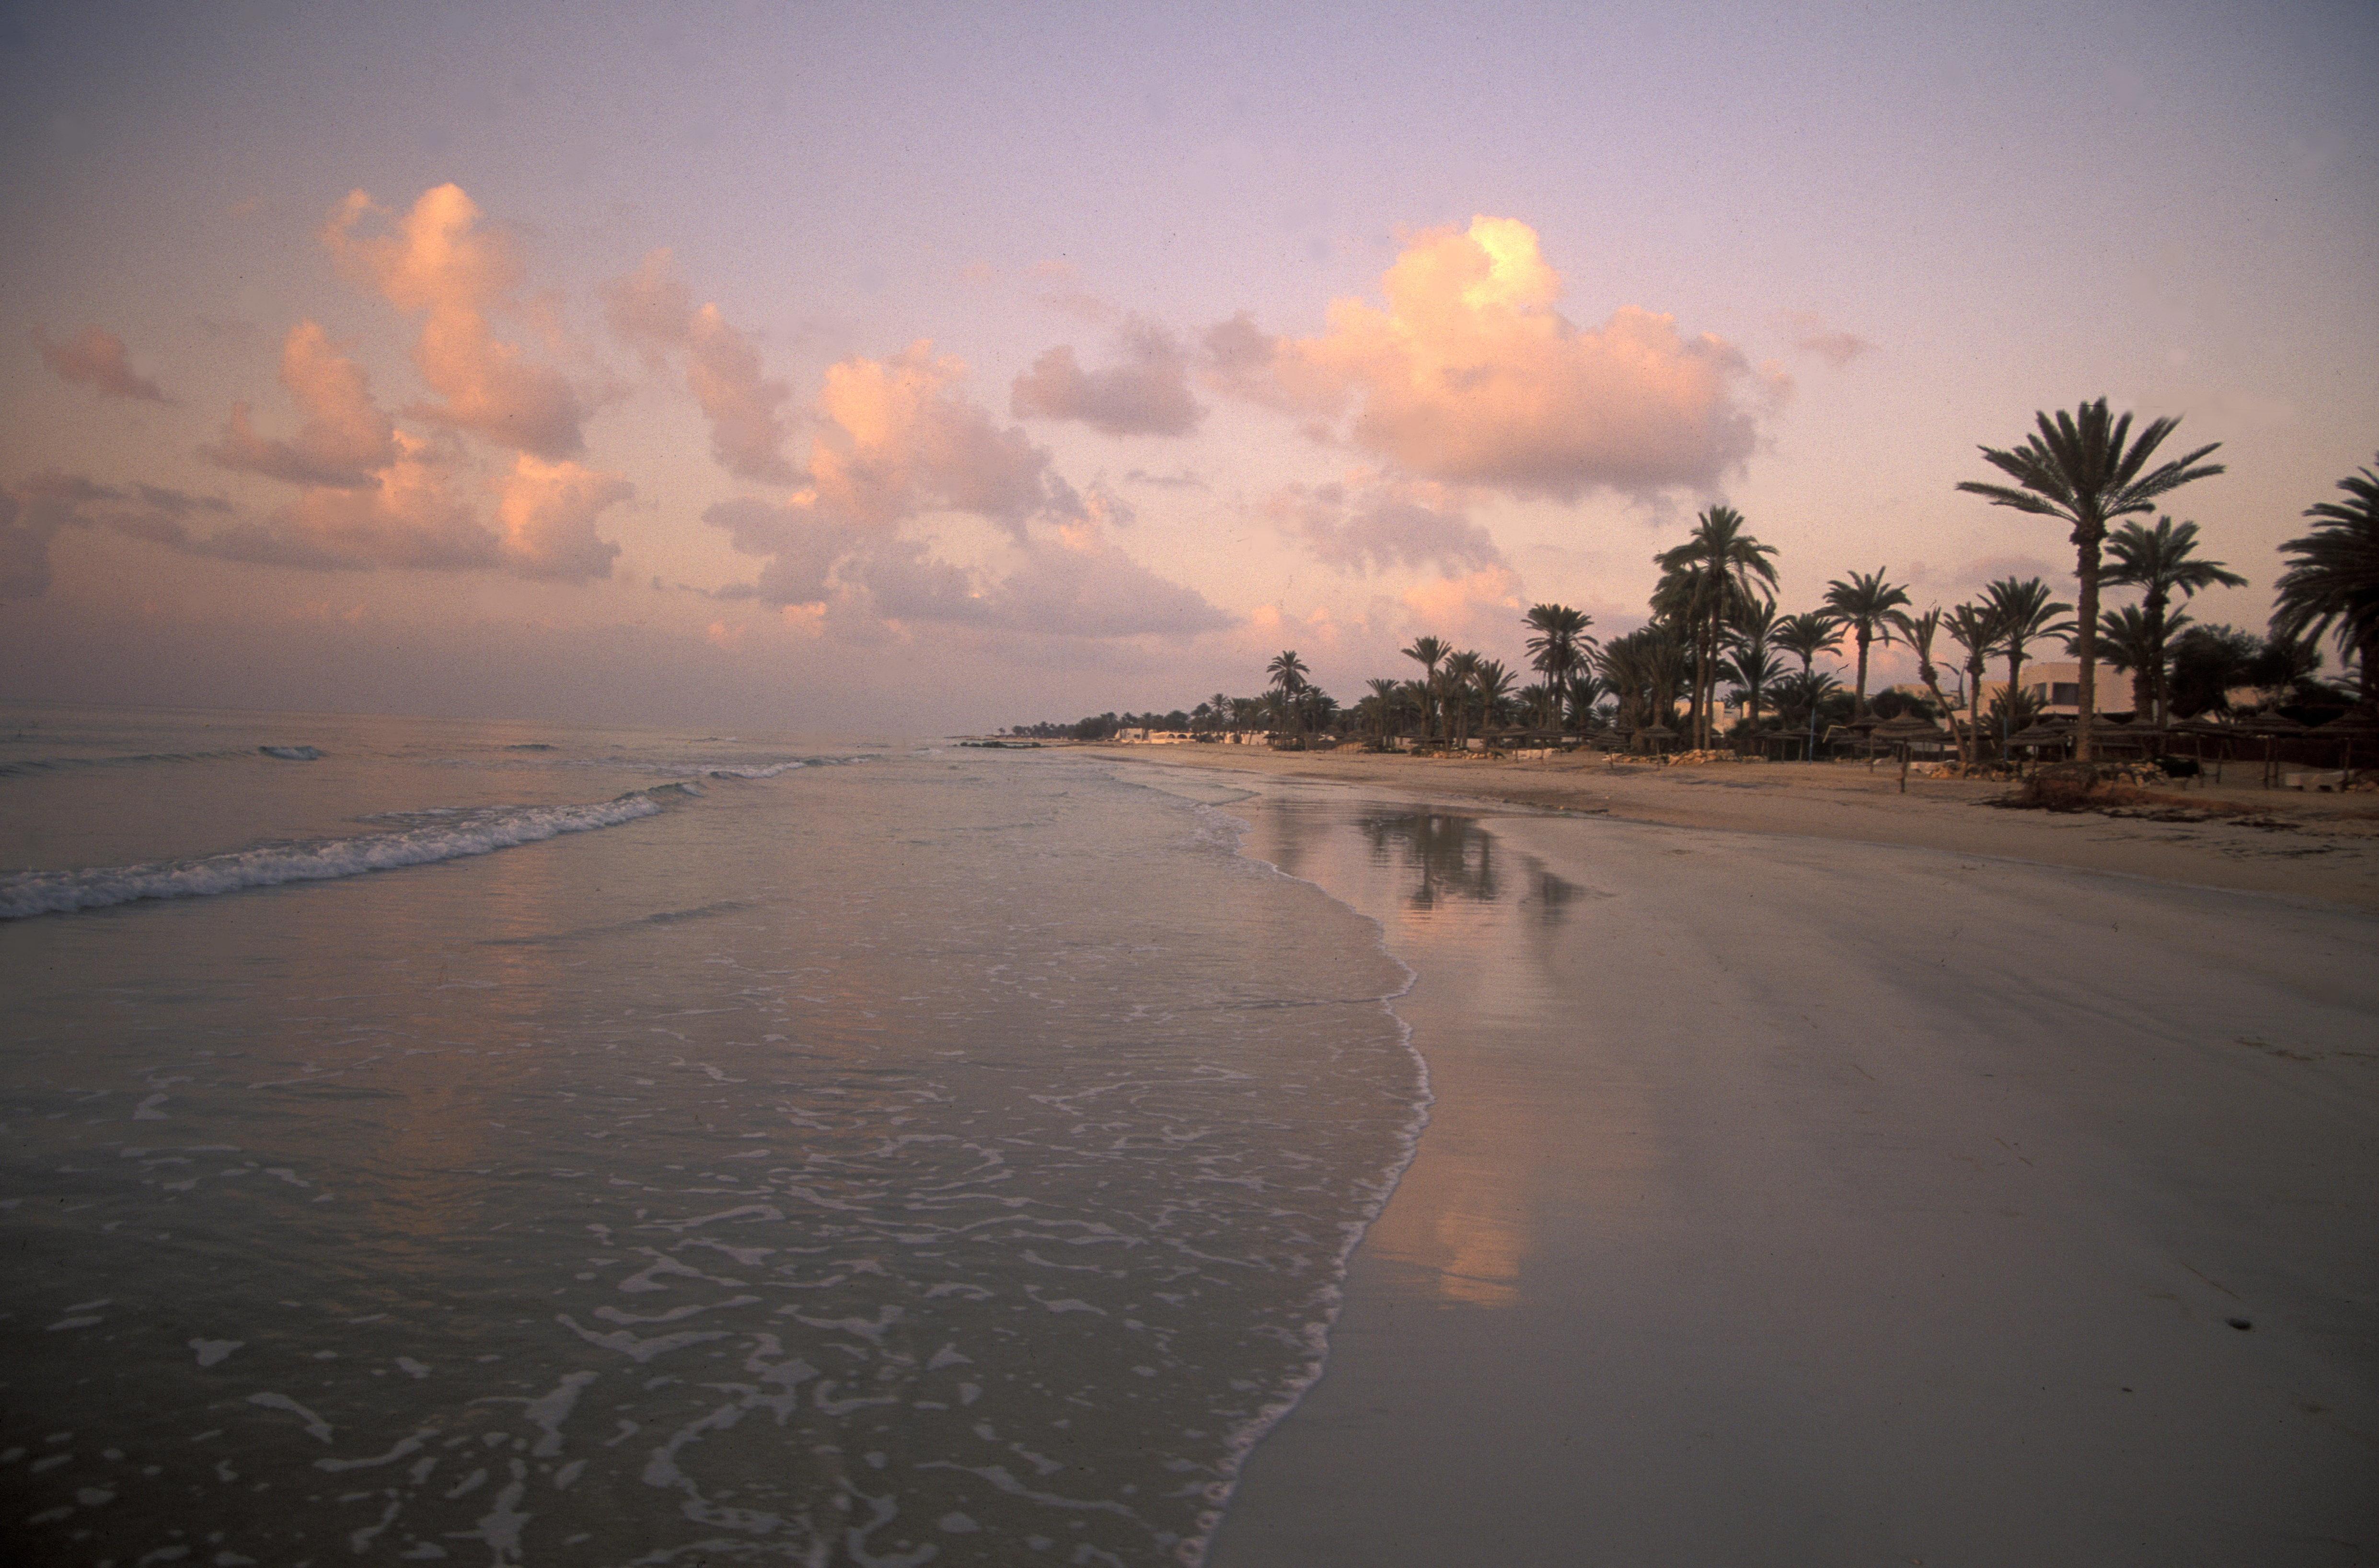 L'île de Djerba parmi les destinations les plus prisées en Afrique, selon le classement